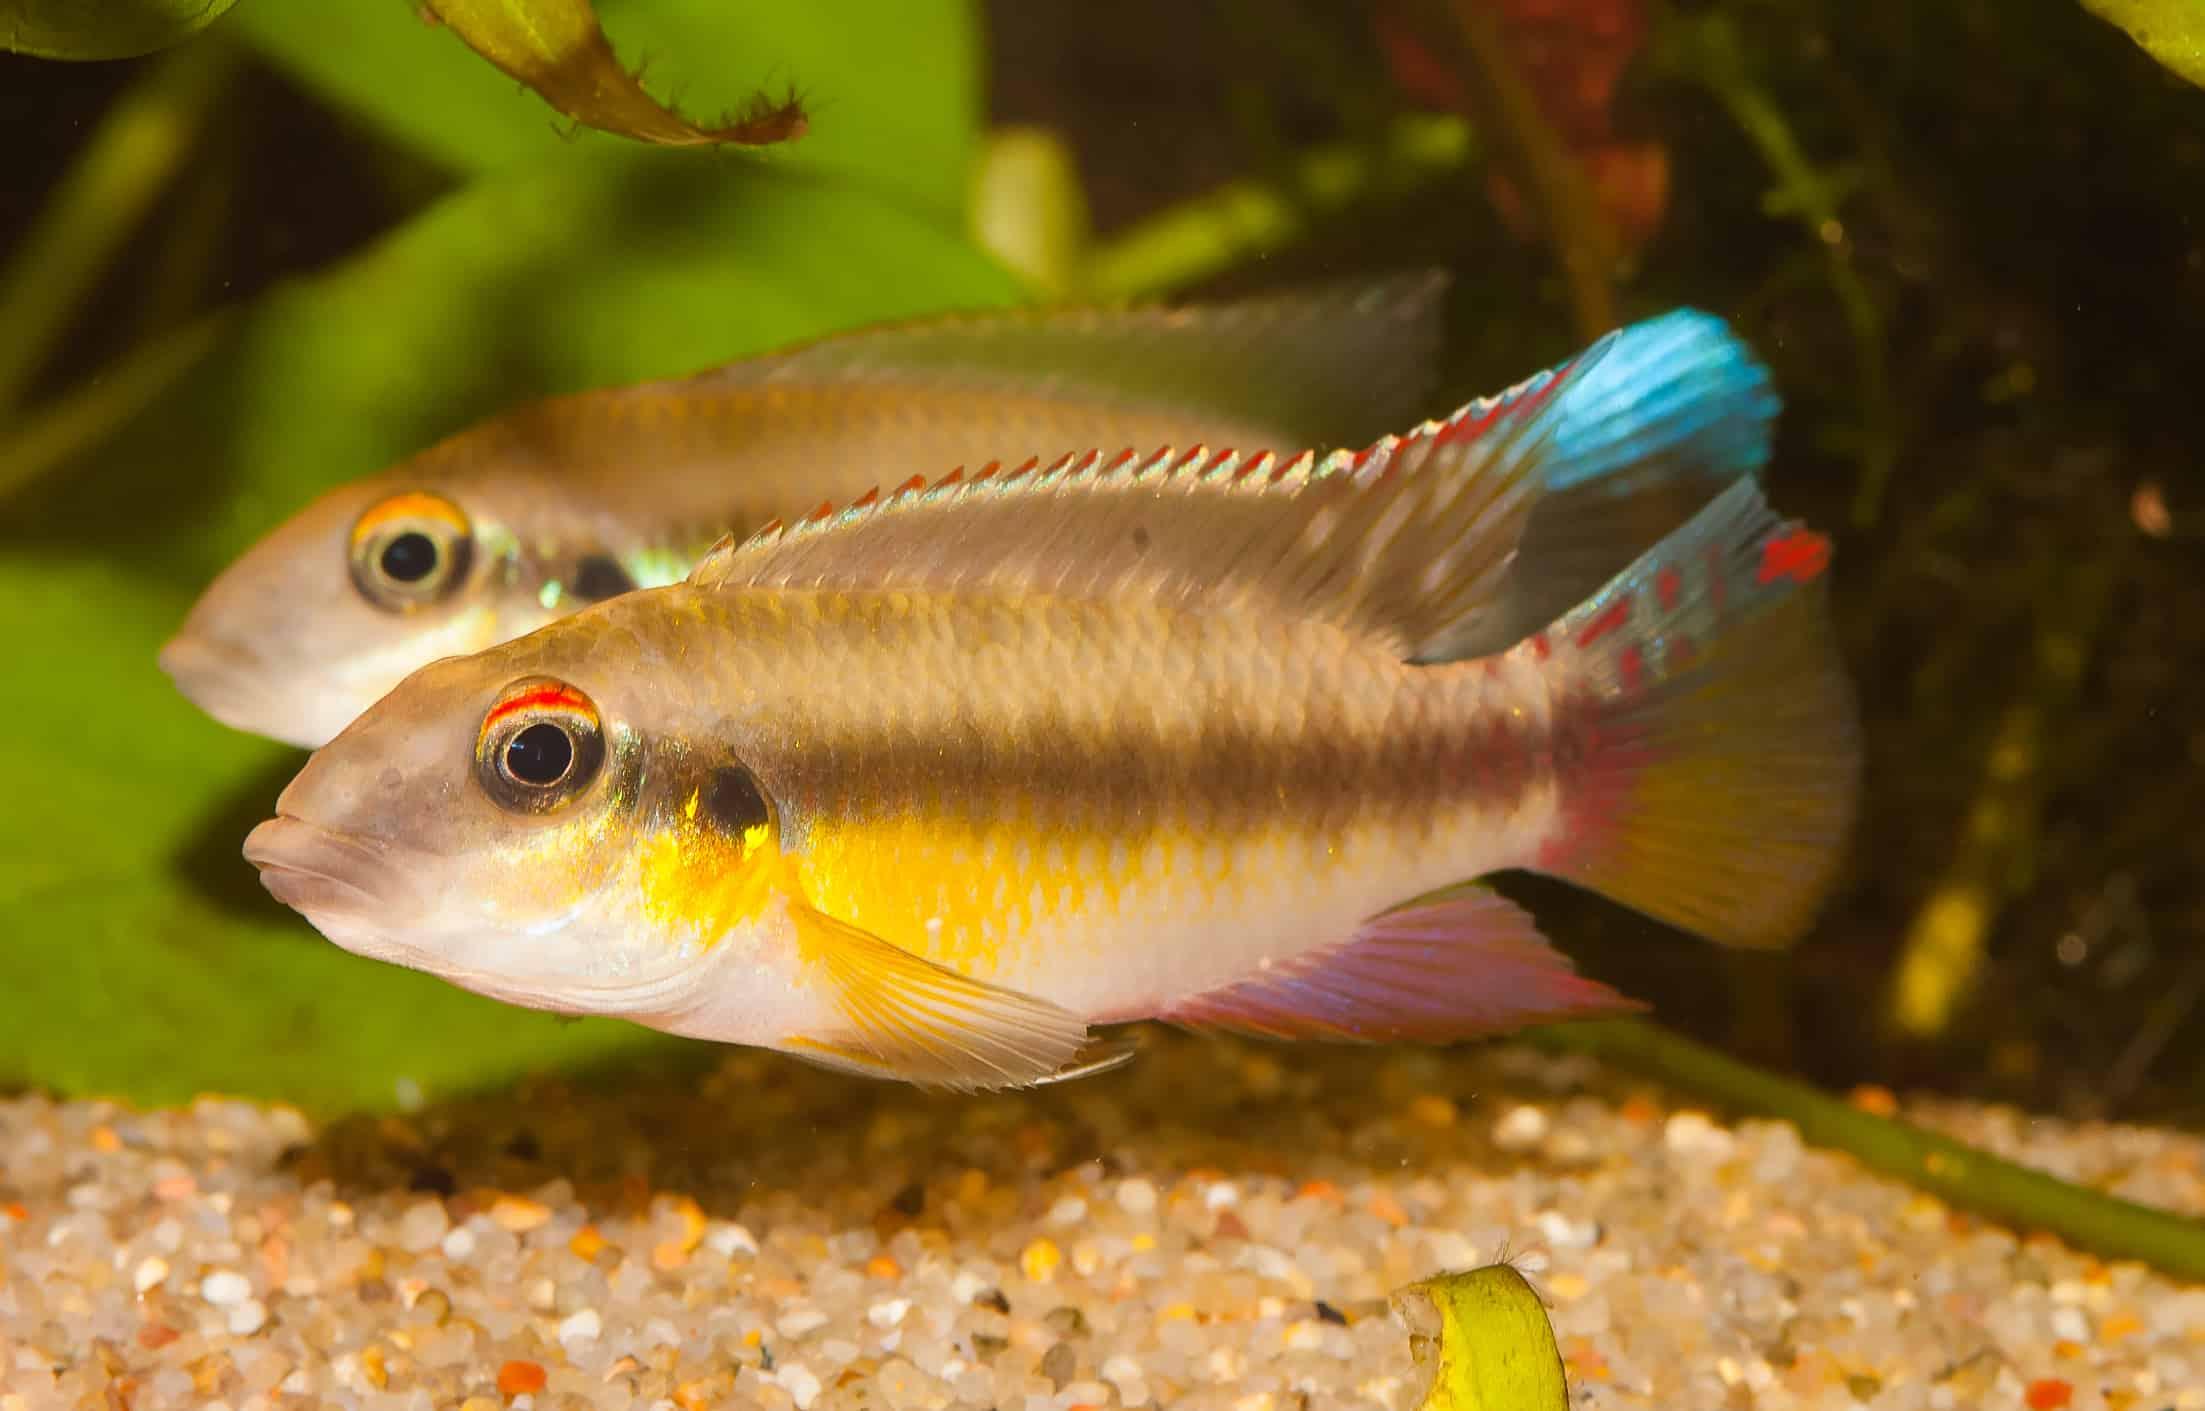 Ein größerer Vertreter der Westafrikaner, Pelvicachromis humilis